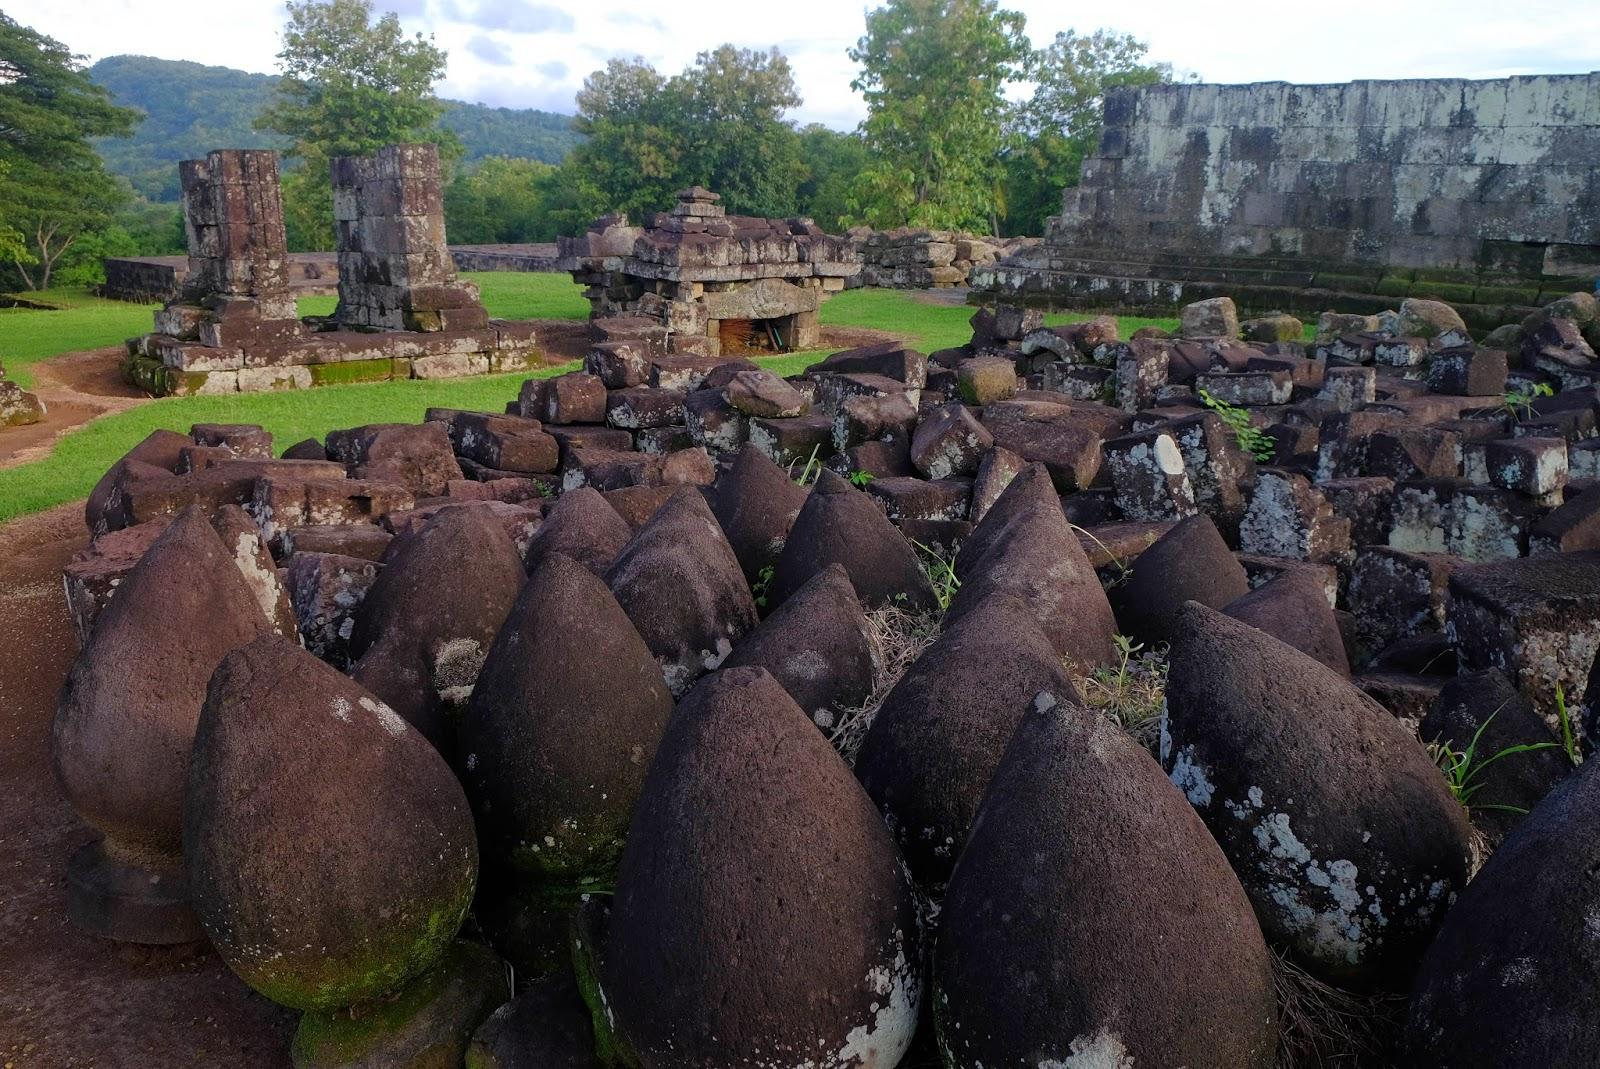 Misteri Dibalik Kemegahan Kraton Ratu Boko Ardiyanta Reruntuhan Bangunan Tak